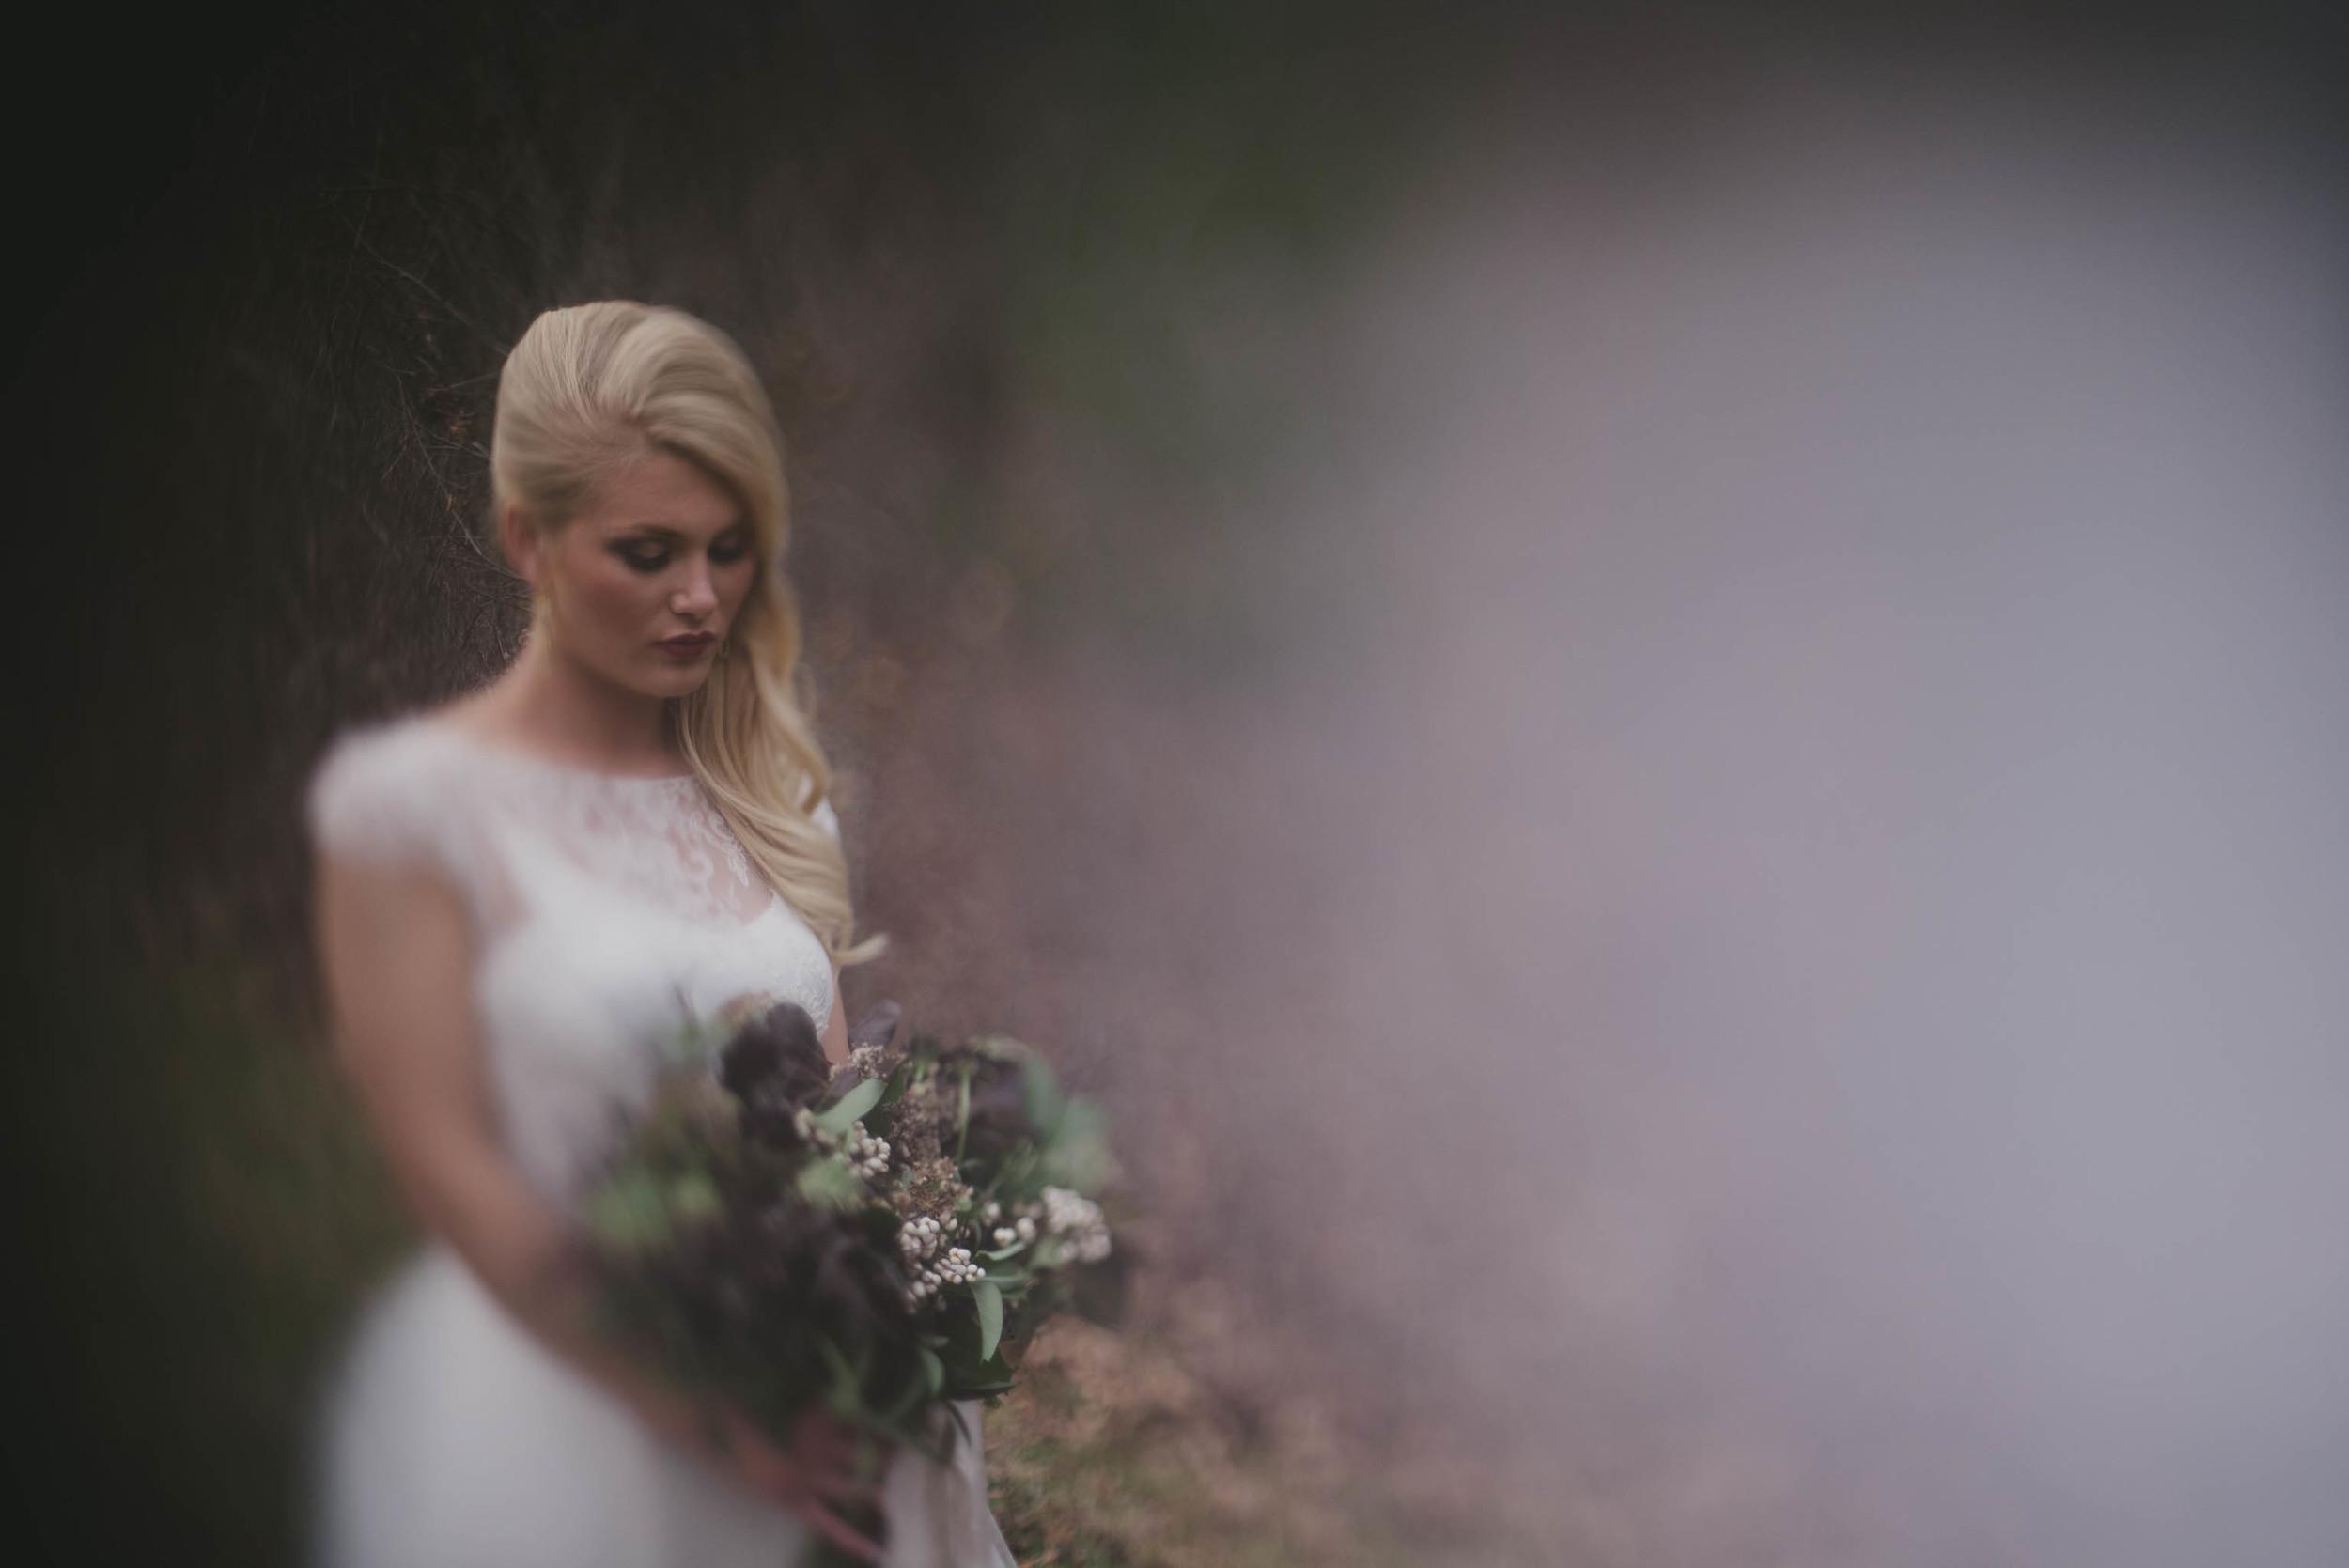 asheville-bridal-bouquet-photo